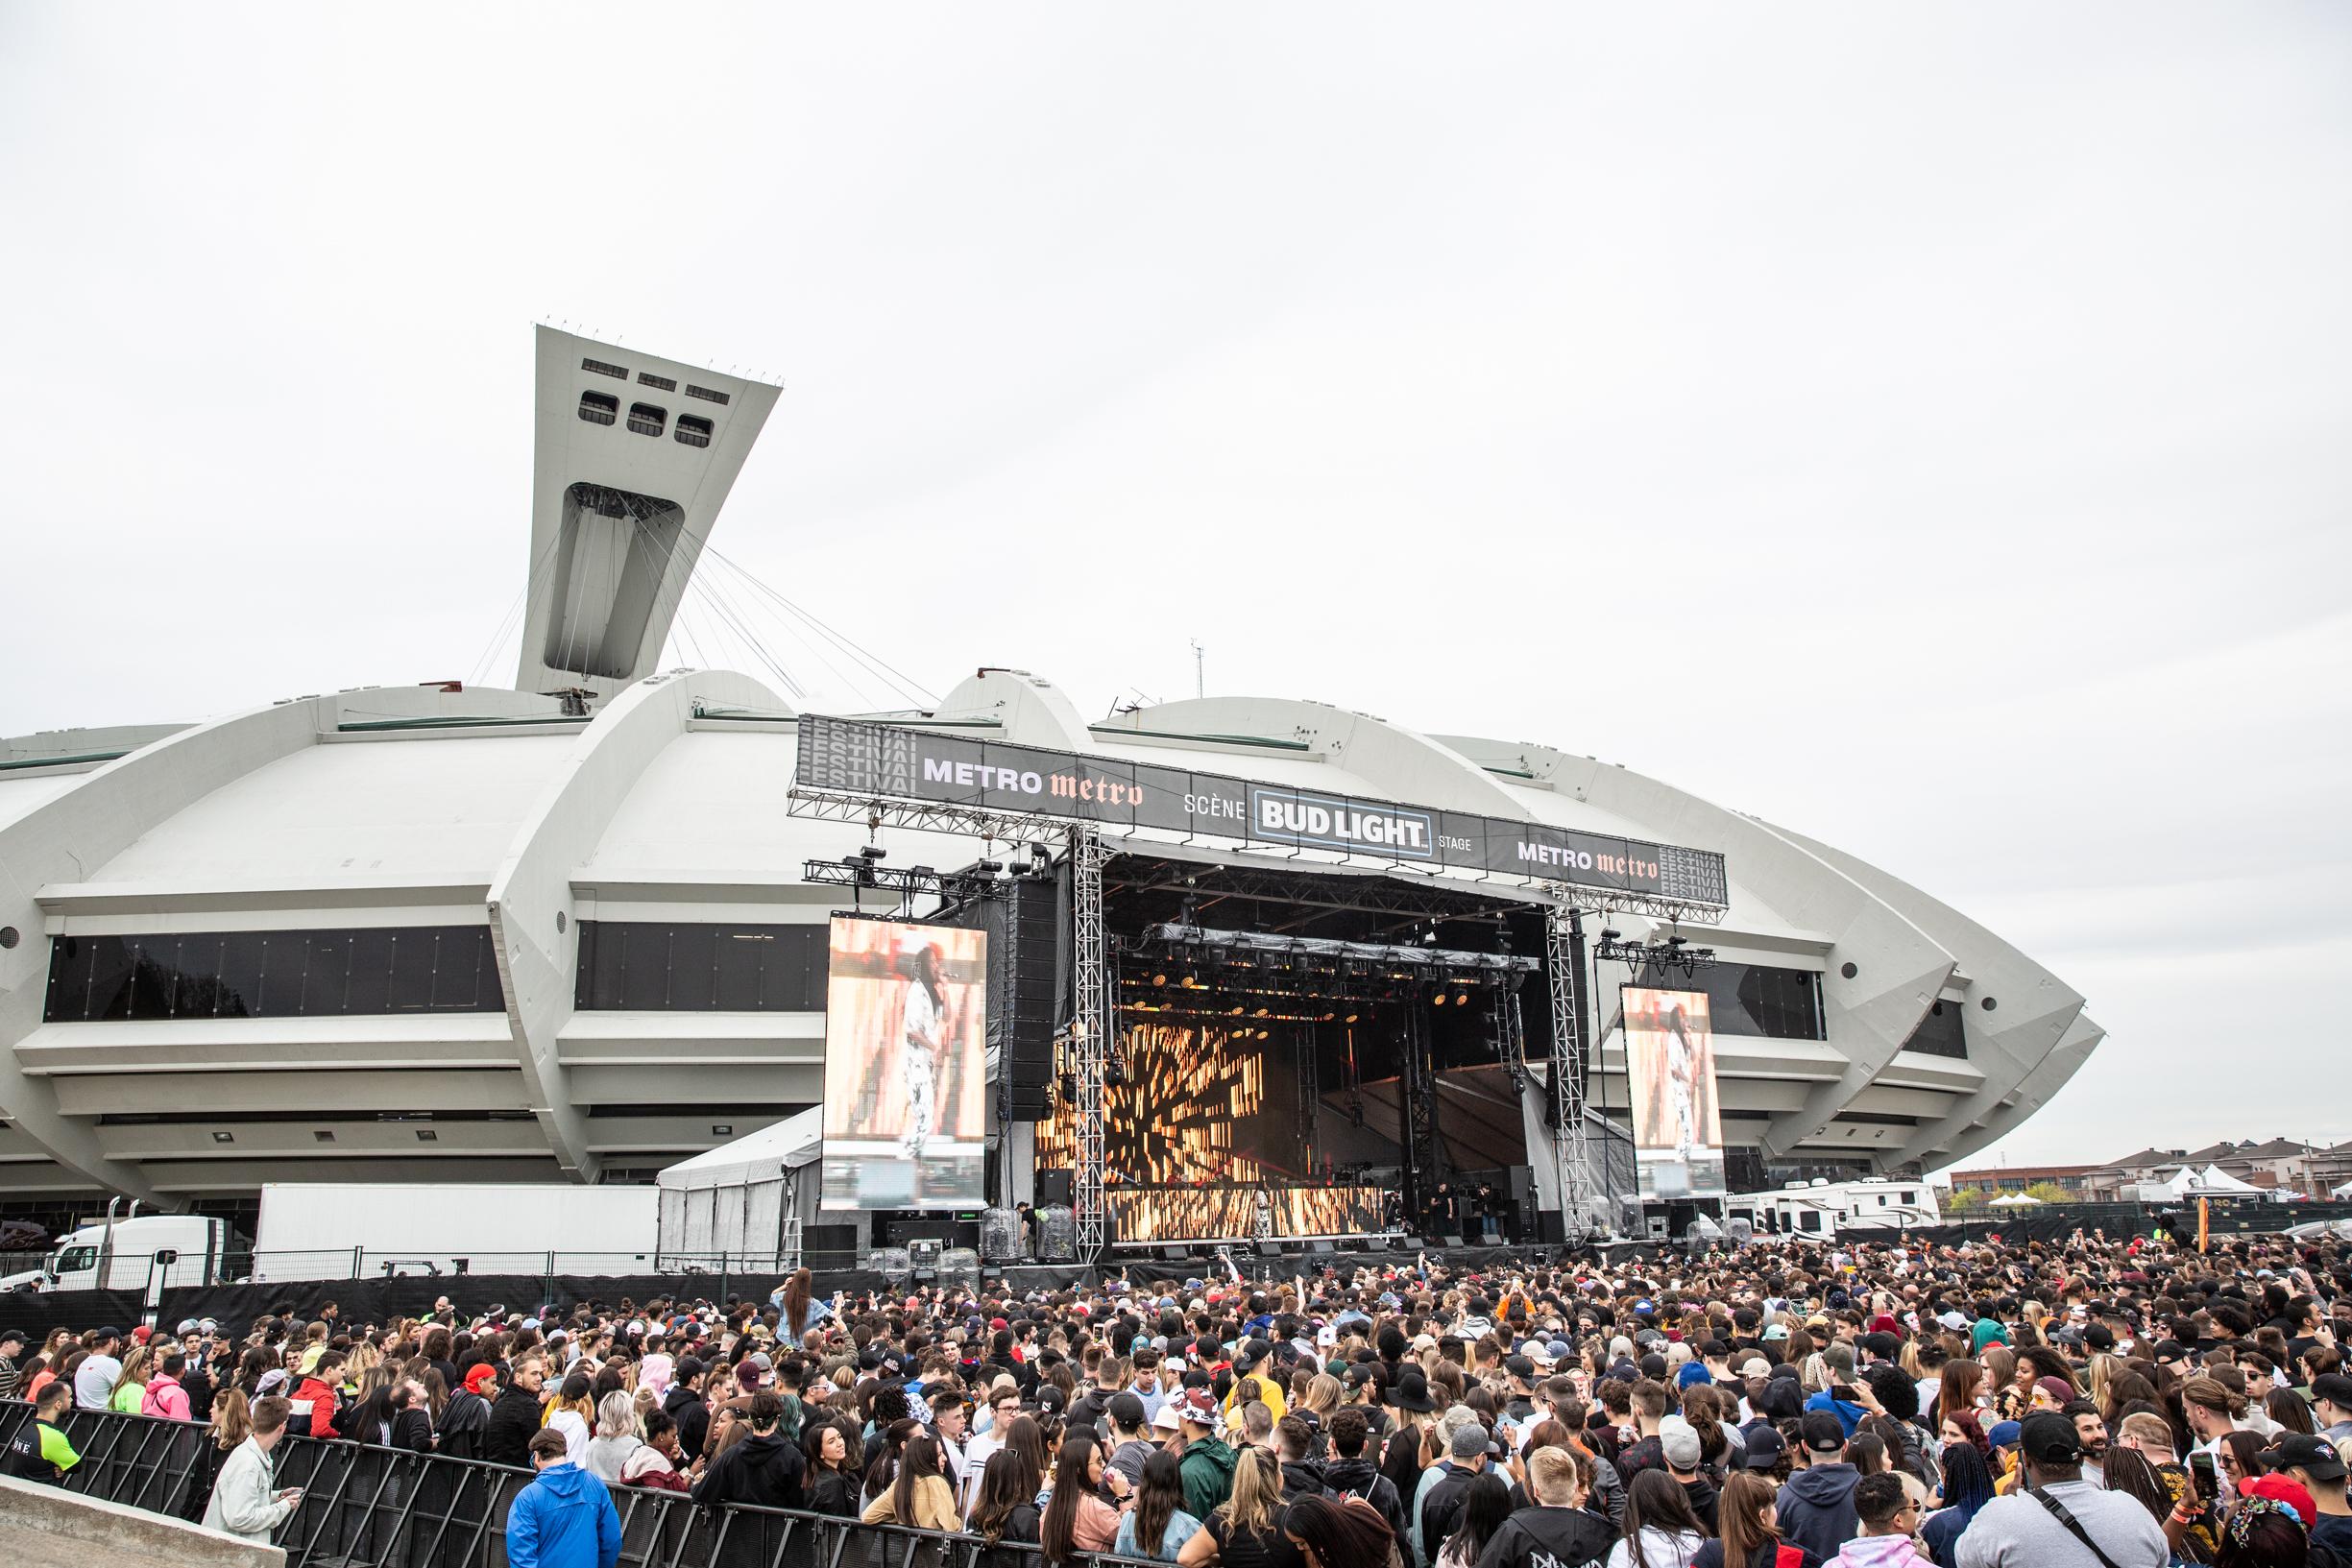 Le festival de musique Métro Métro s'étale sur trois jours en 2020 à Montréal